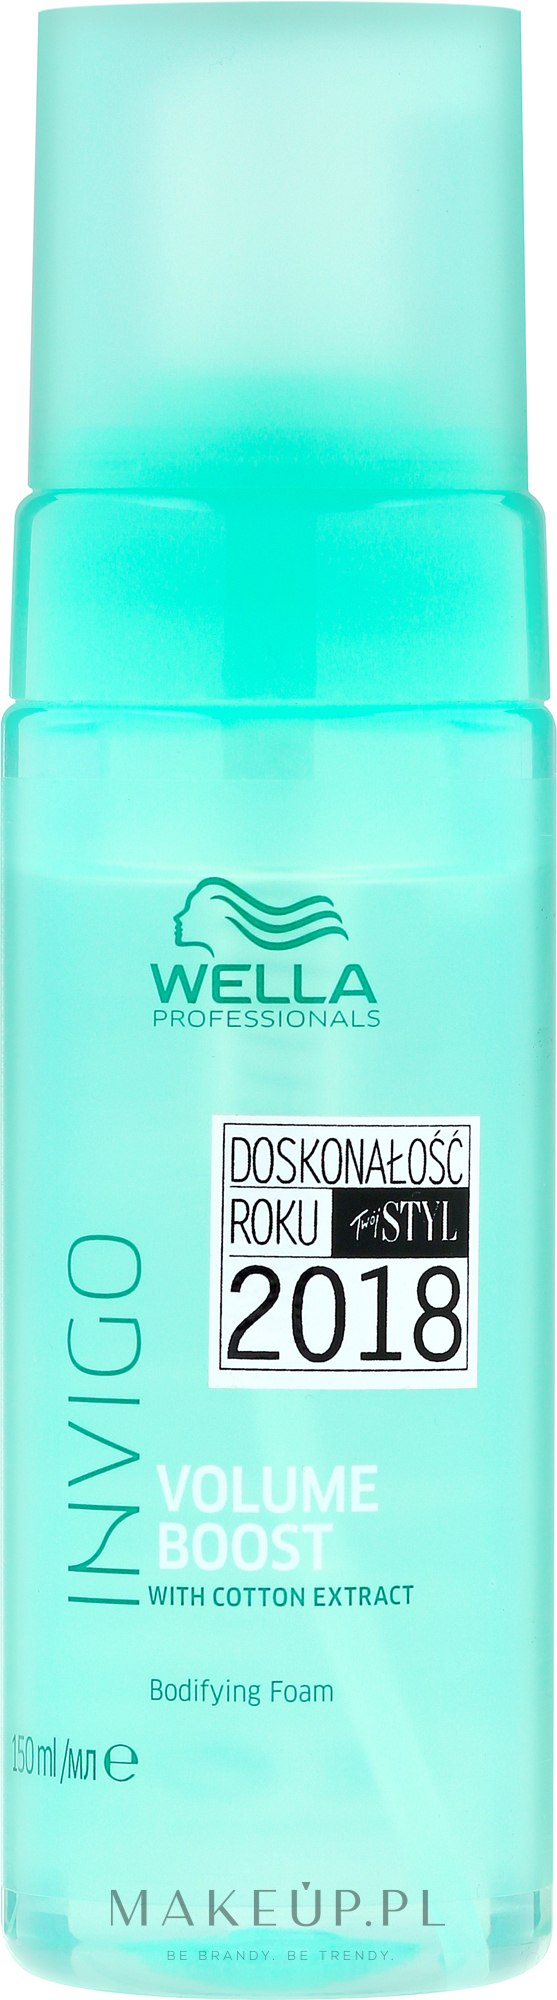 Teksturyzujący mus z ekstraktem z bawełny dodający włosom objętości - Wella Professionals Invigo Volume Boost Bodifying Foam — фото 150 ml